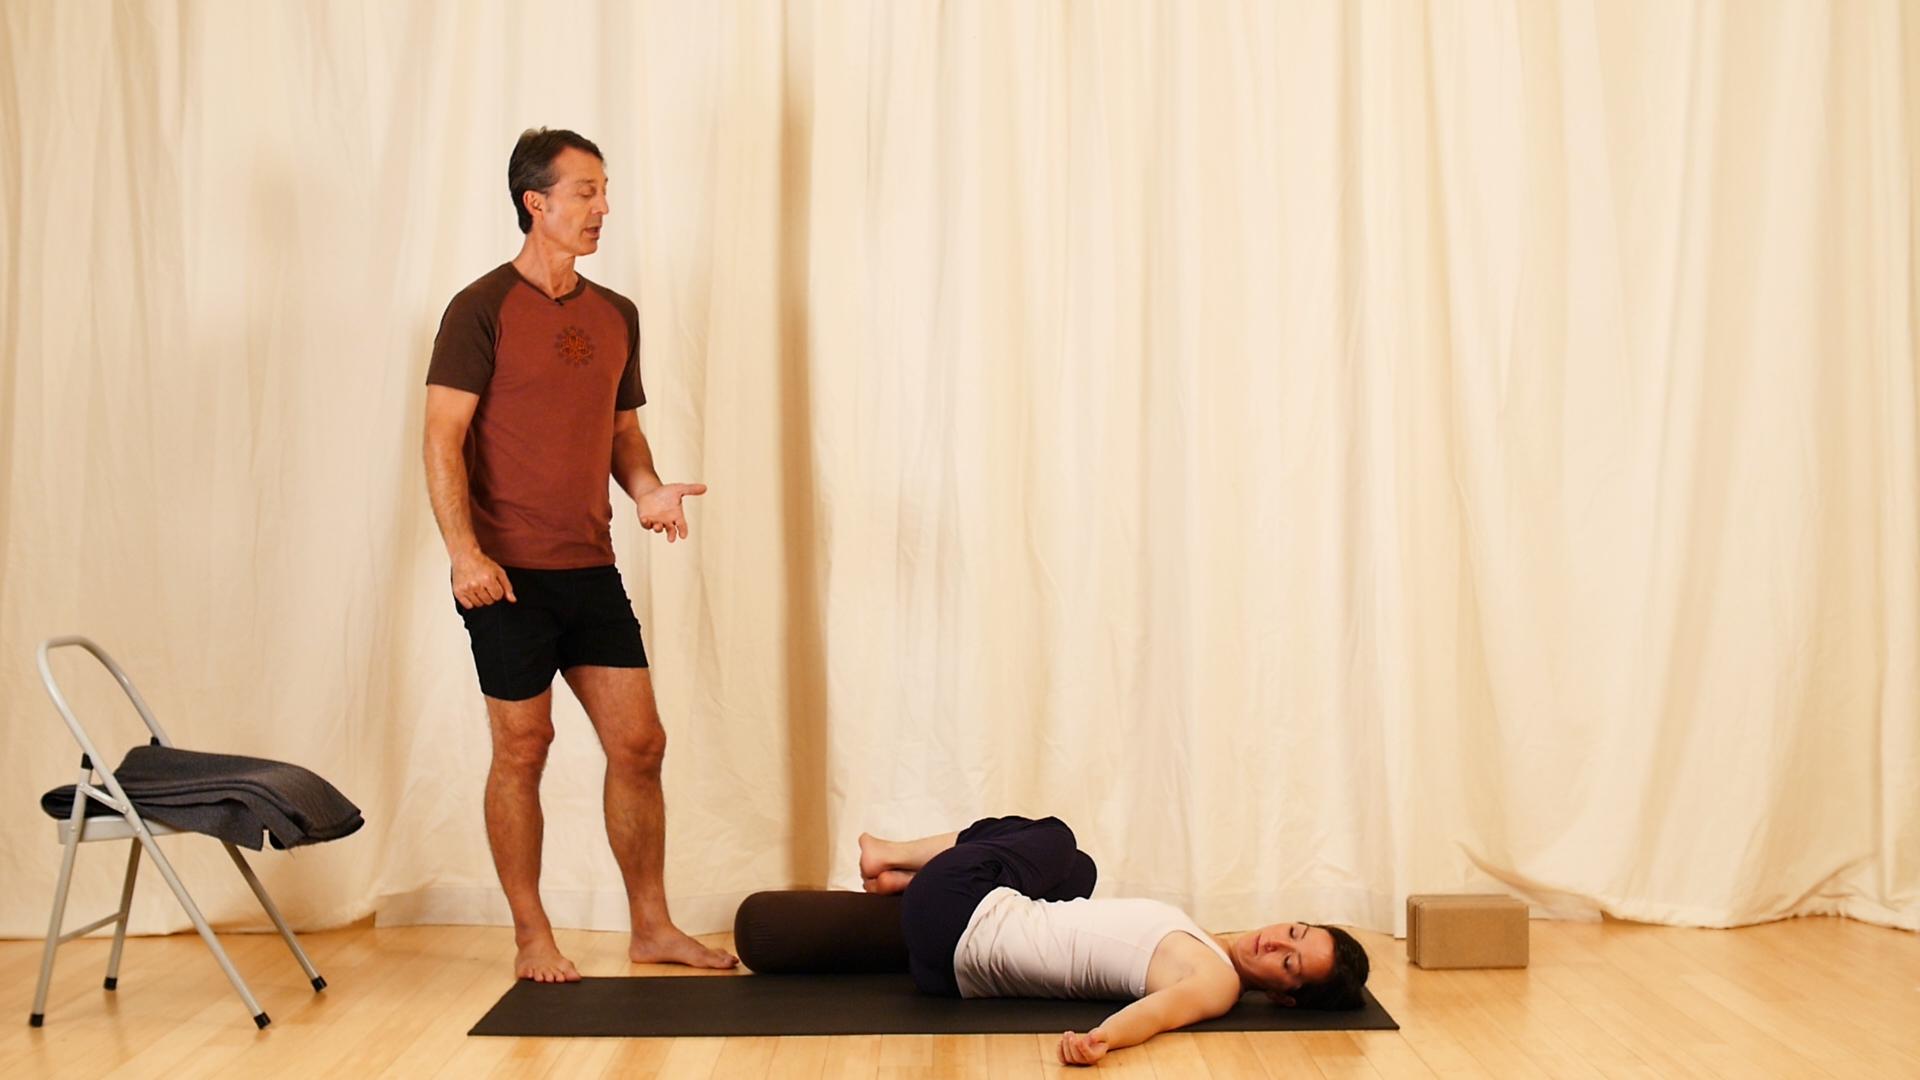 What are Recaka, Kumbhaka and Puraka of yoga breathing exercises? 3